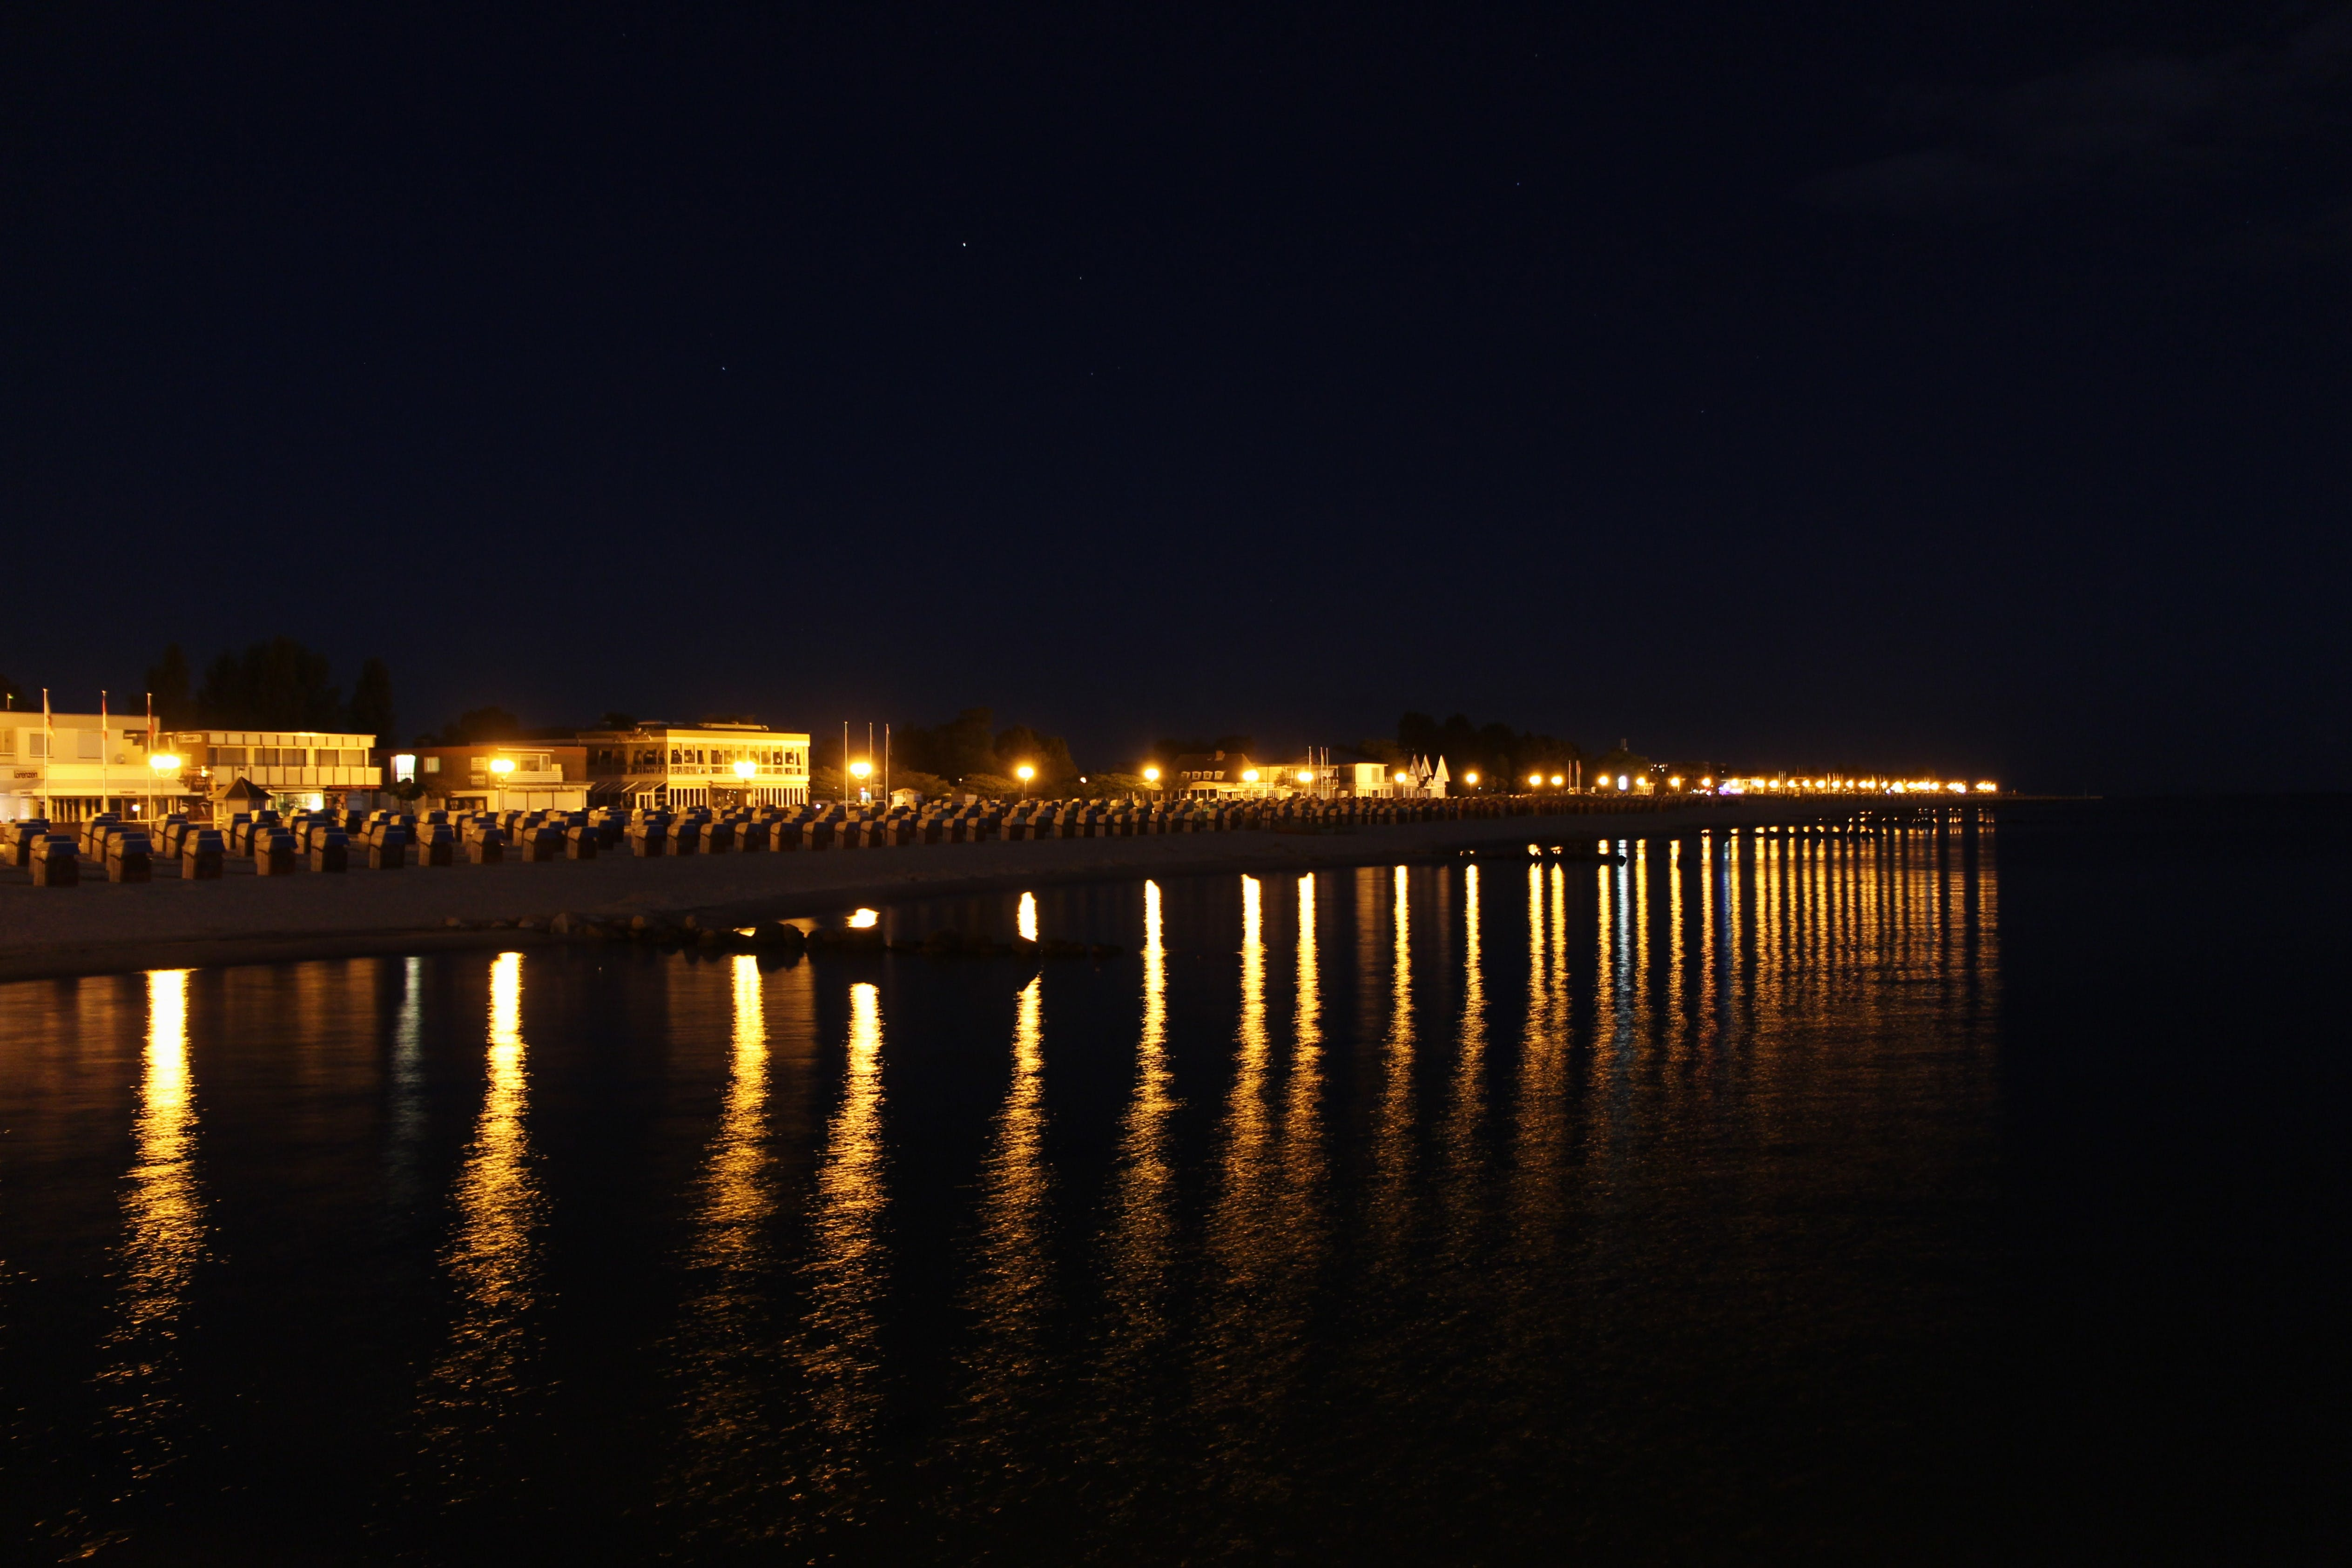 Kostenloses Stock Foto zu beleuchtung, belichtung, dunkler himmel, lichtreflexionen